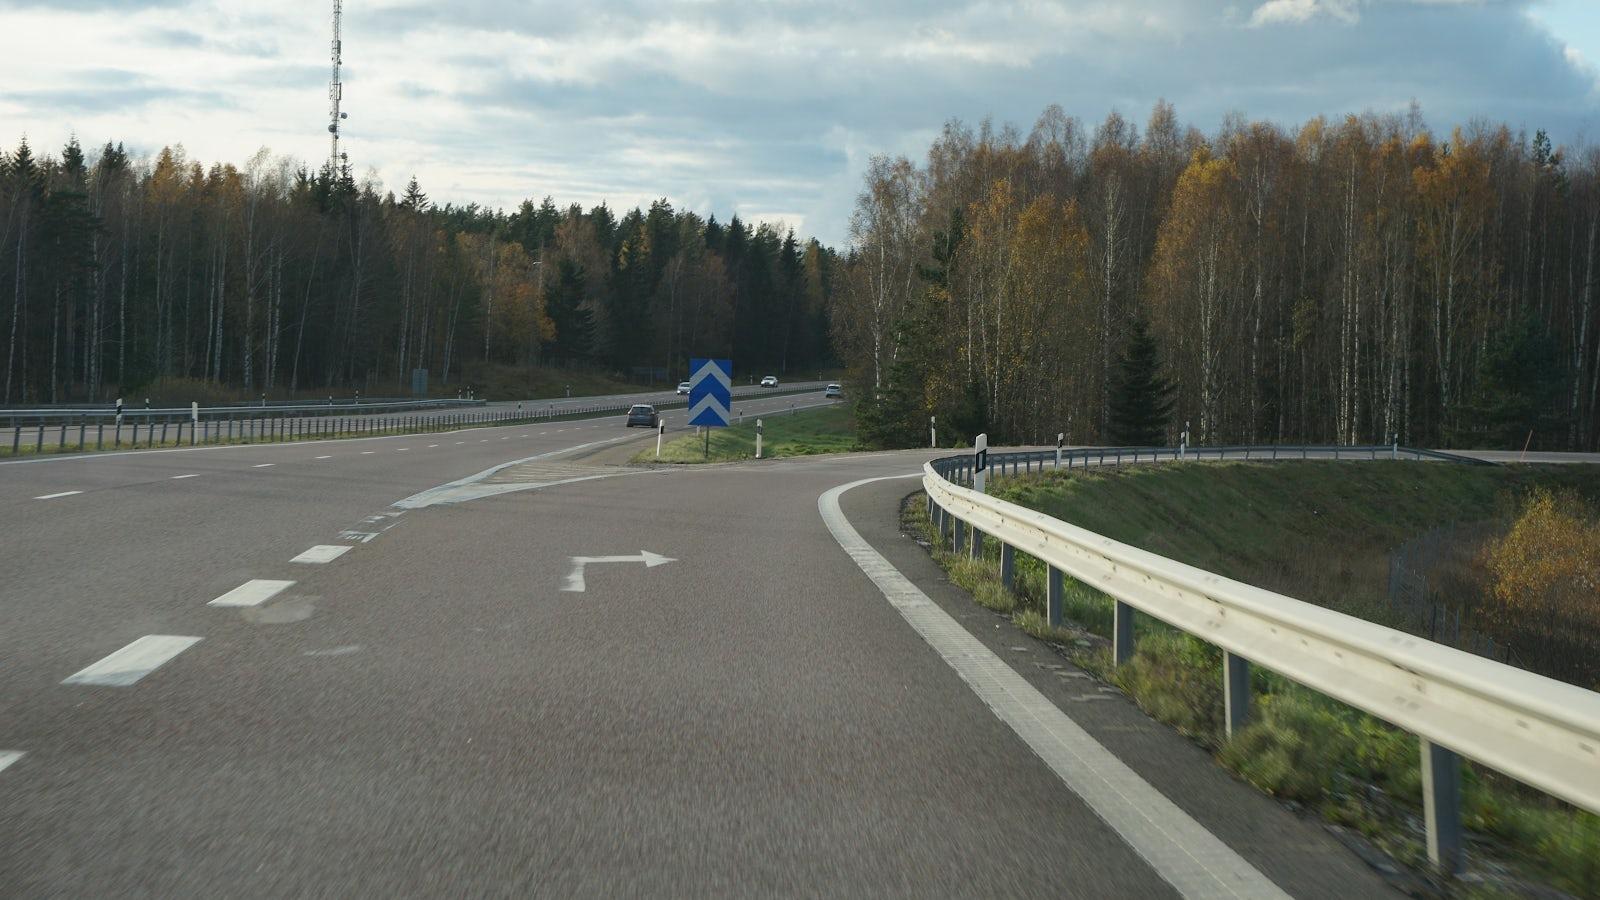 Avfart till höger från motorväg.